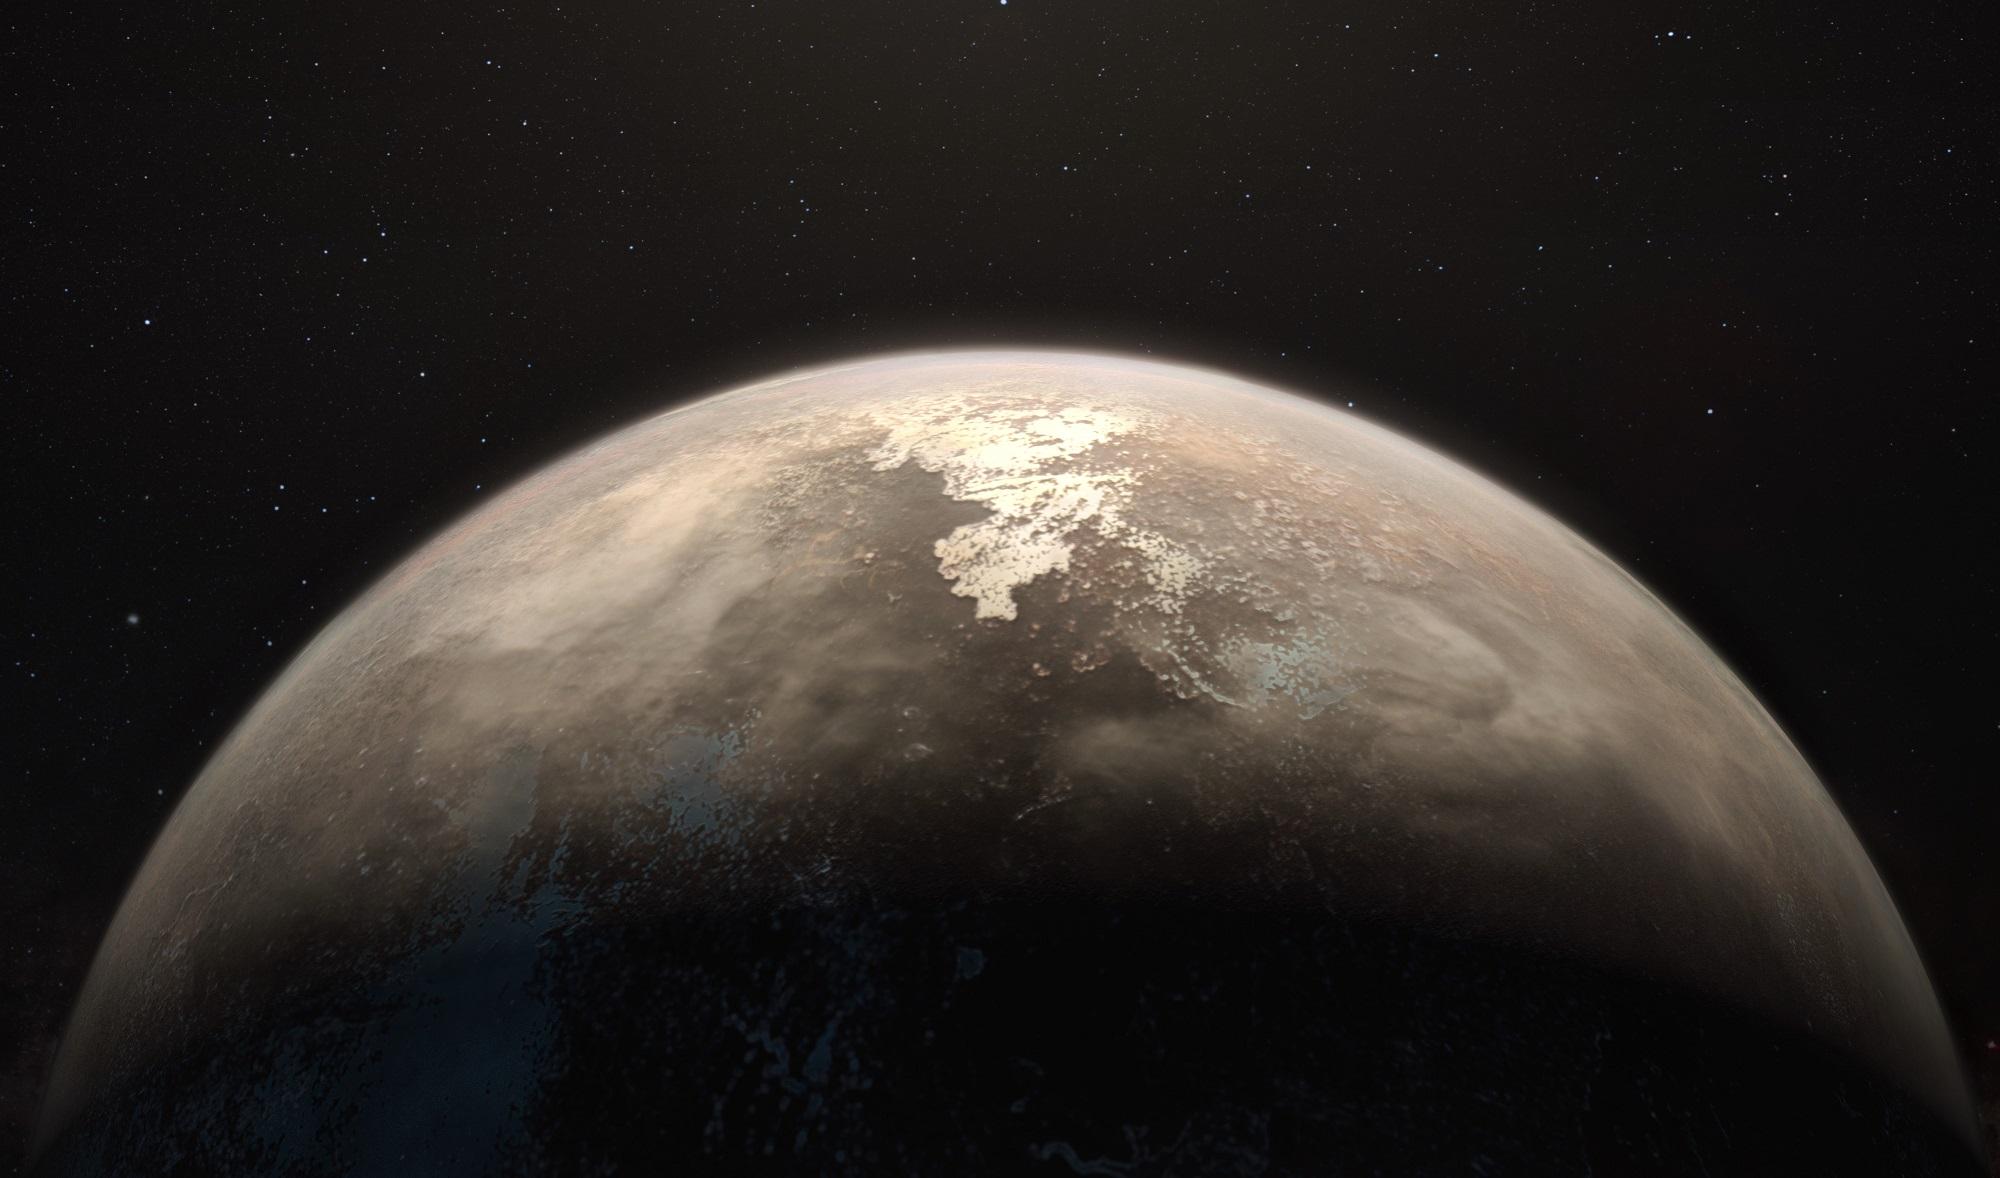 Ross 128 b : Découverte d'une exo-Terre à proximité du Système solaire